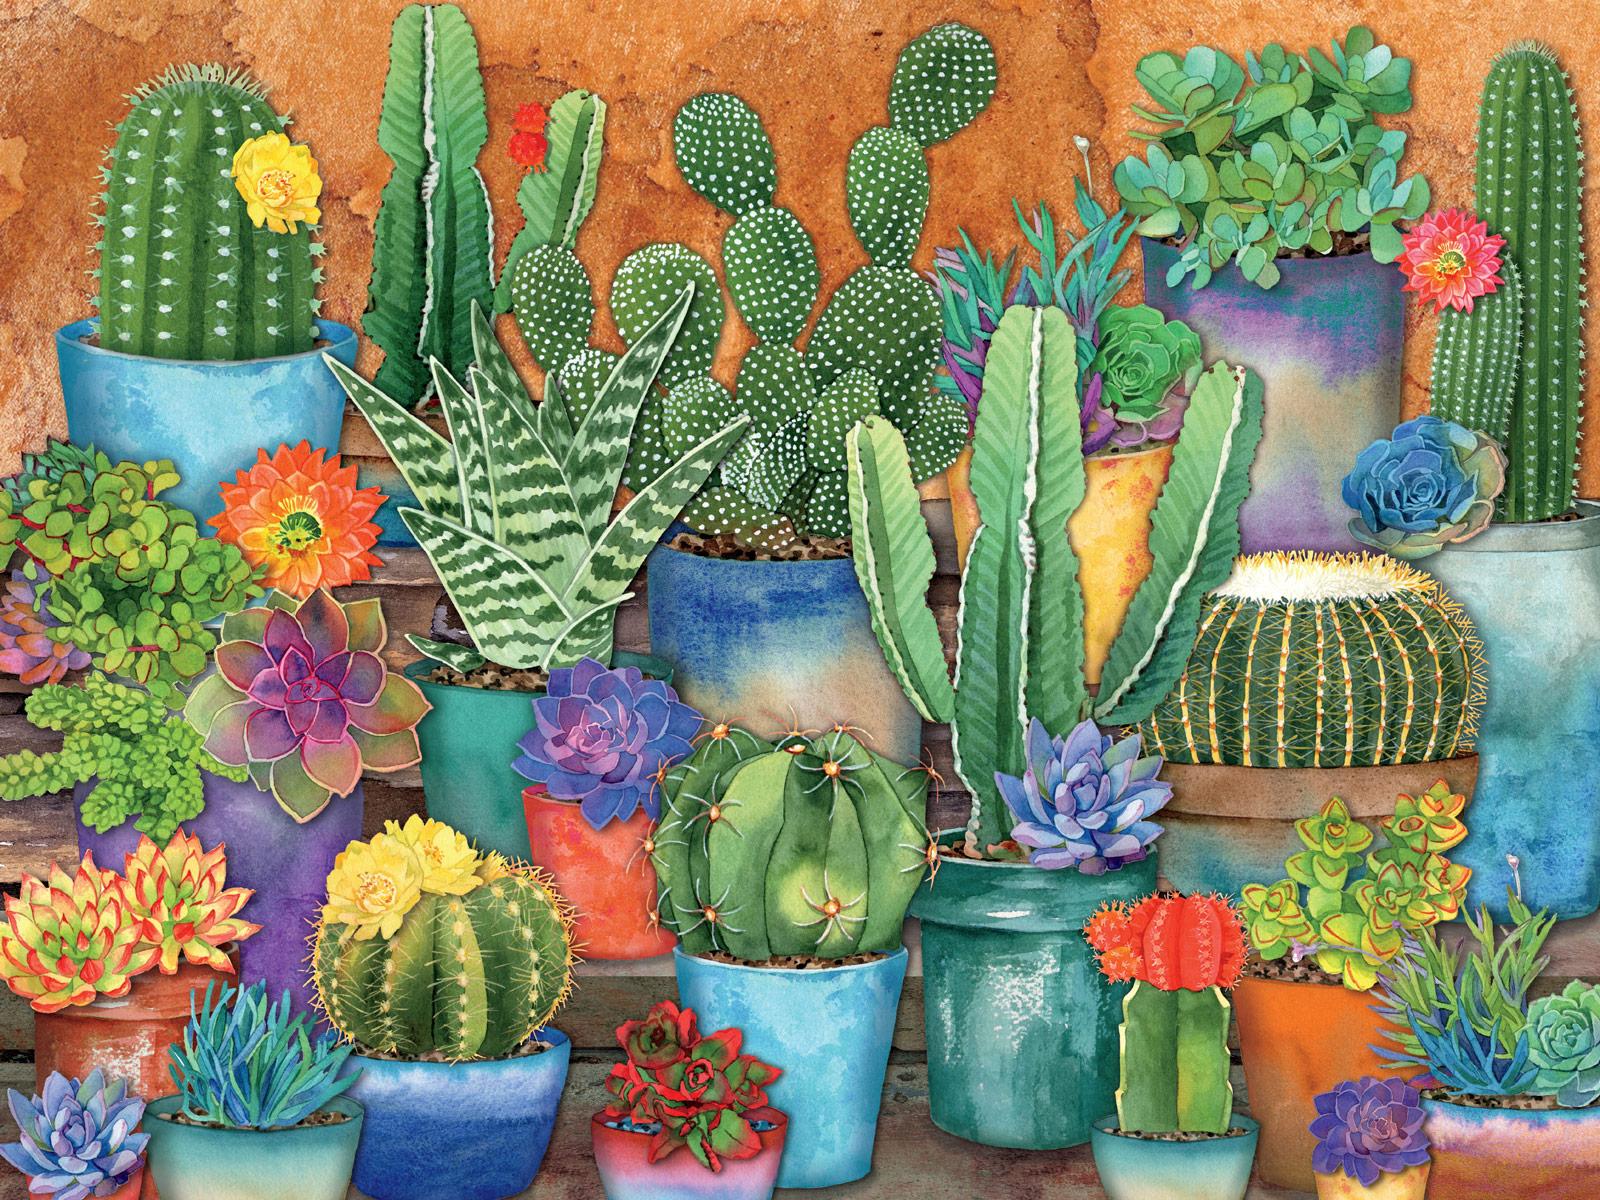 Cactus Pots Flowers Jigsaw Puzzle